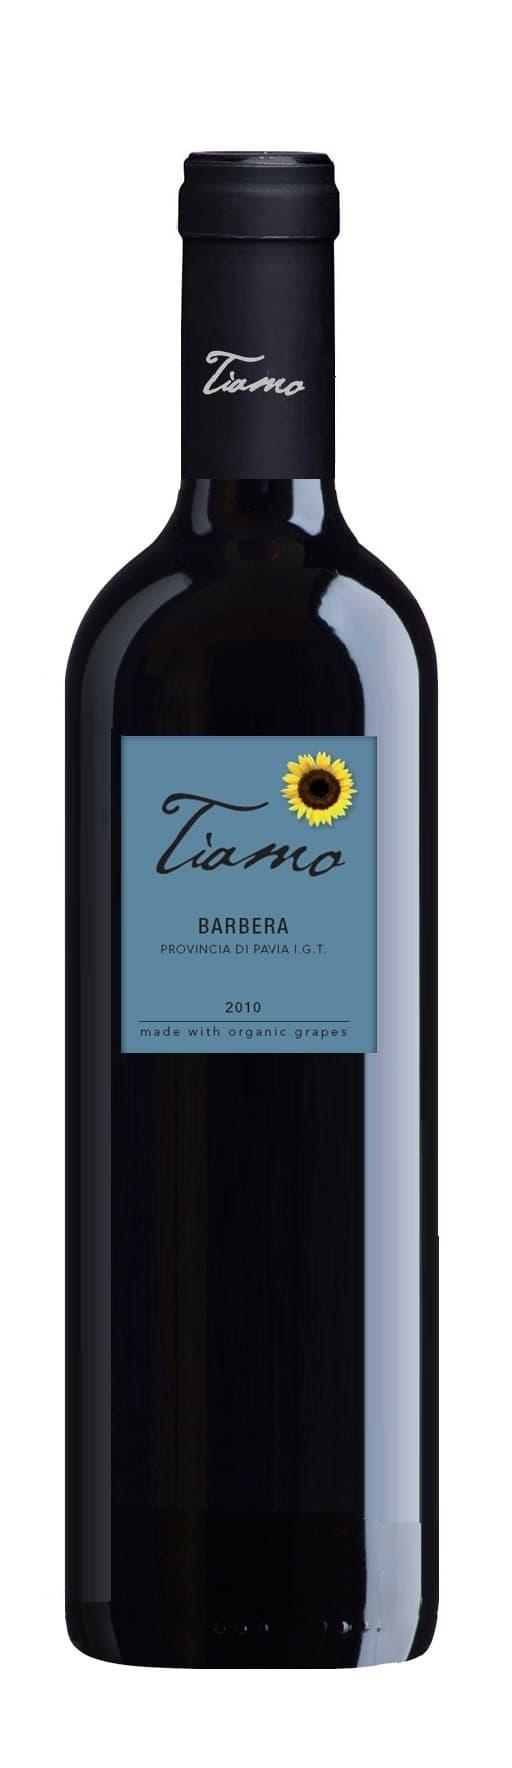 Organic Barbera - Tiamo Wines